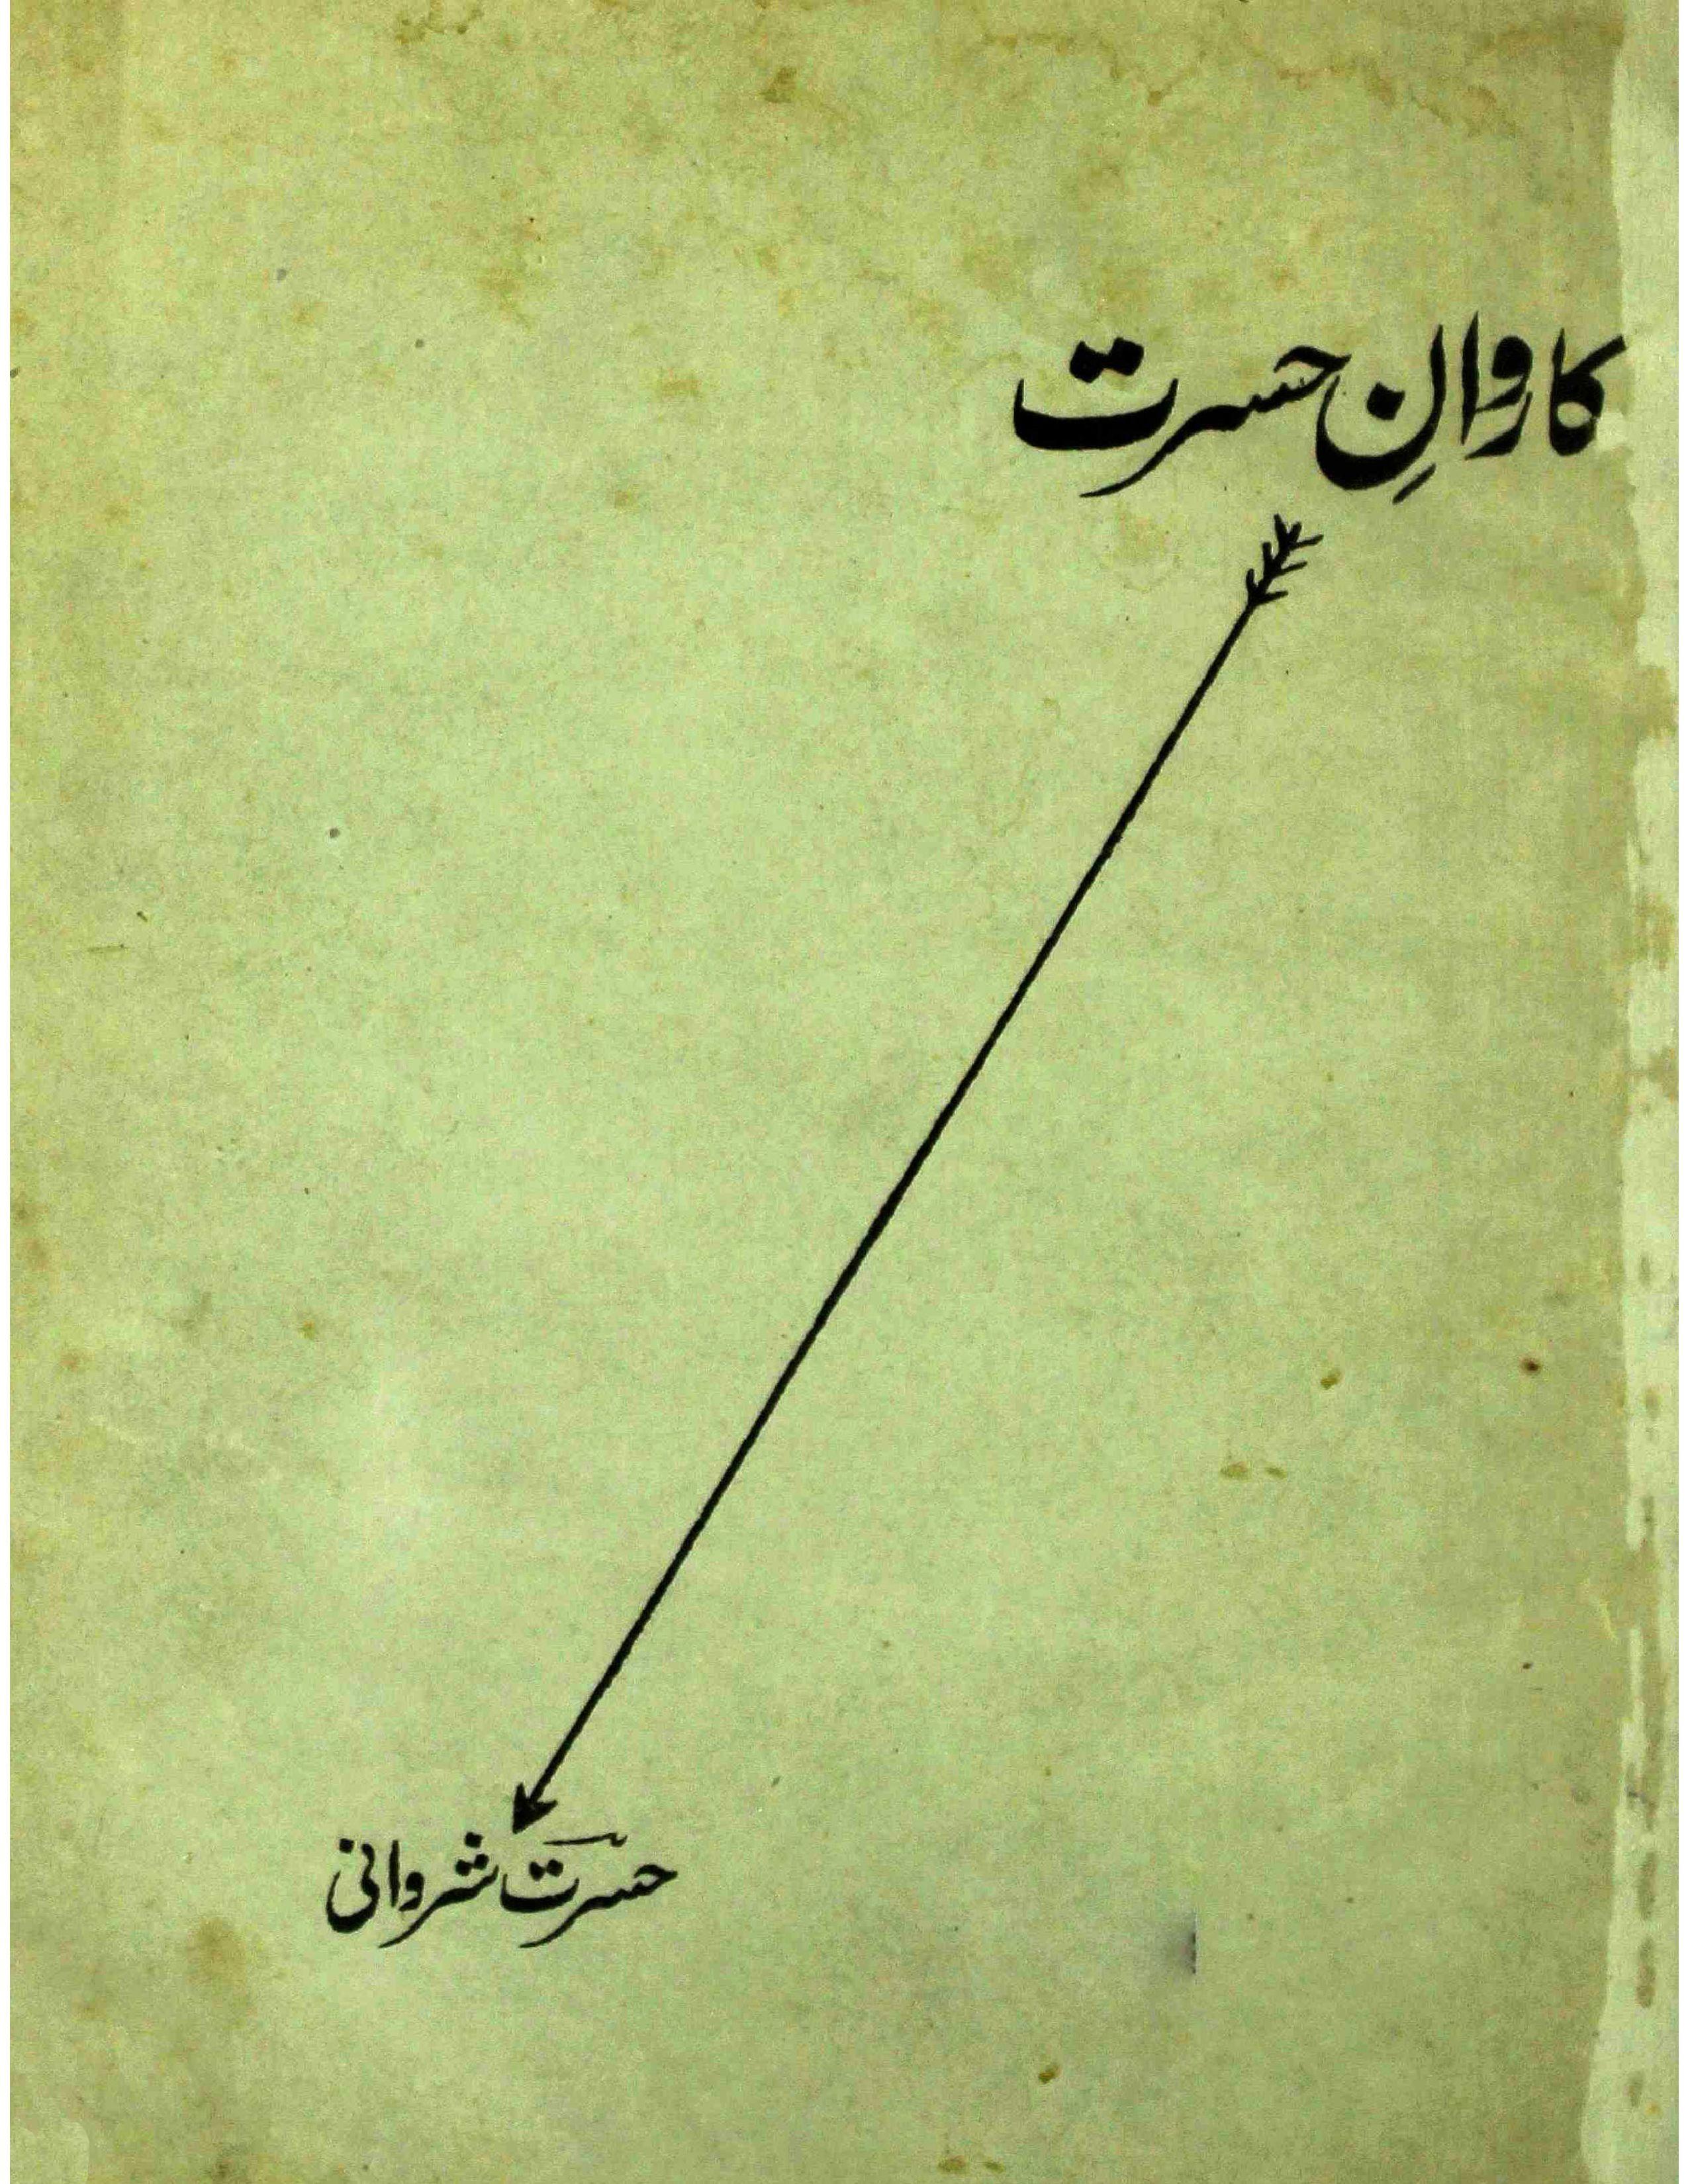 Karwan-e-Hasrat     Deewan-e-Urdu